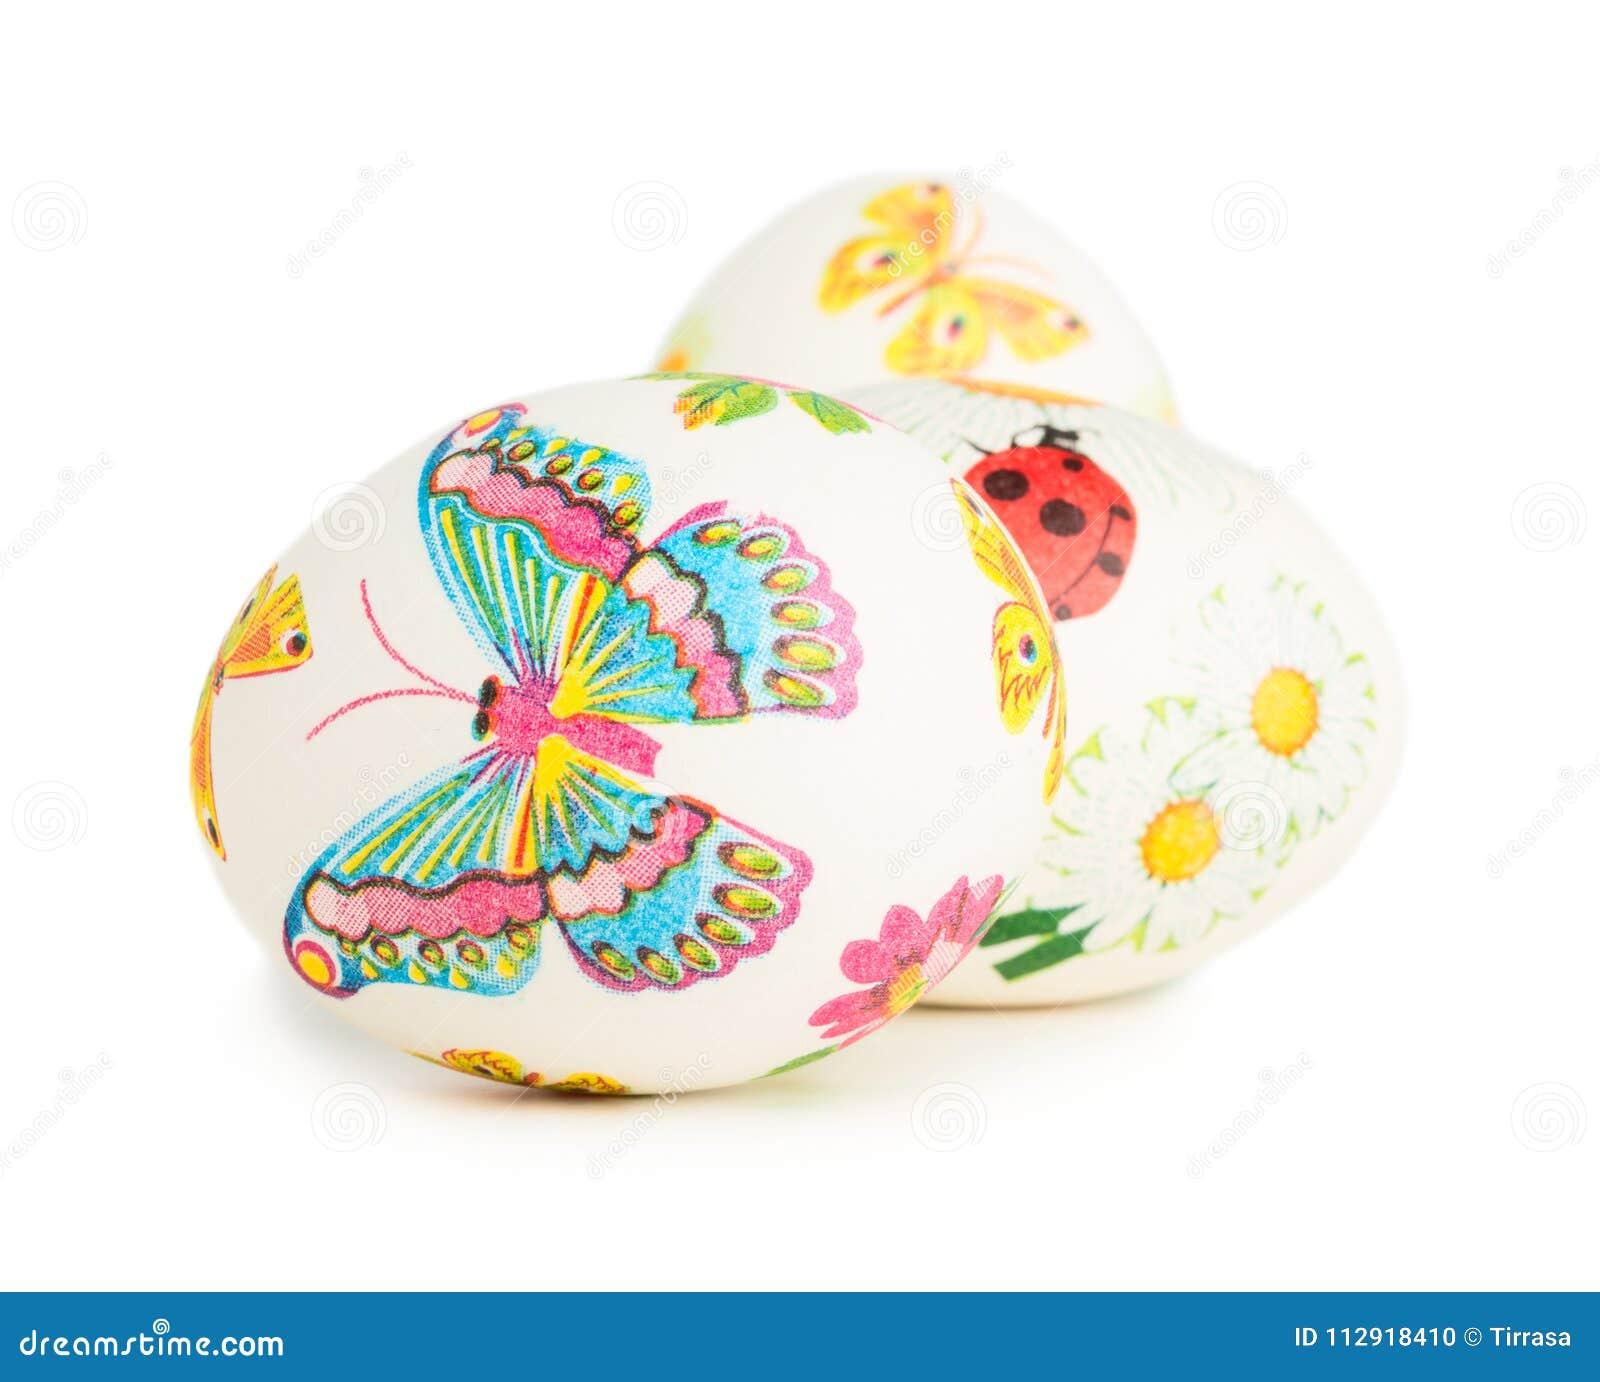 Huevos de Pascua con la decoración de la primavera